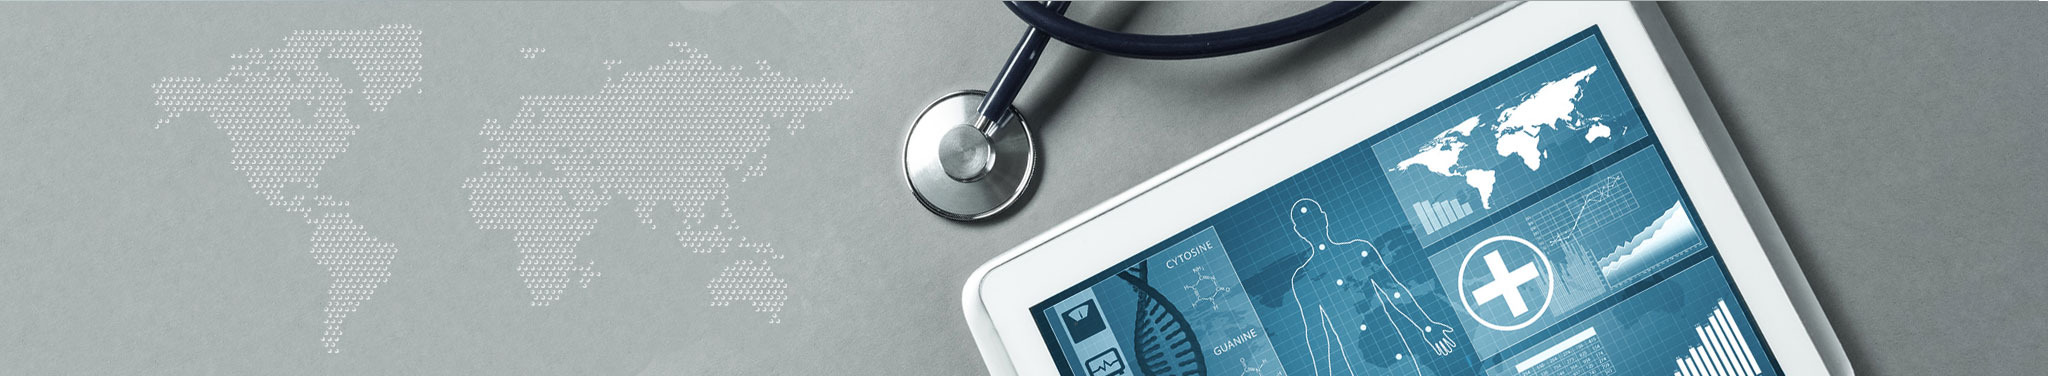 Stethoskop und Tablet auf grauem Tisch